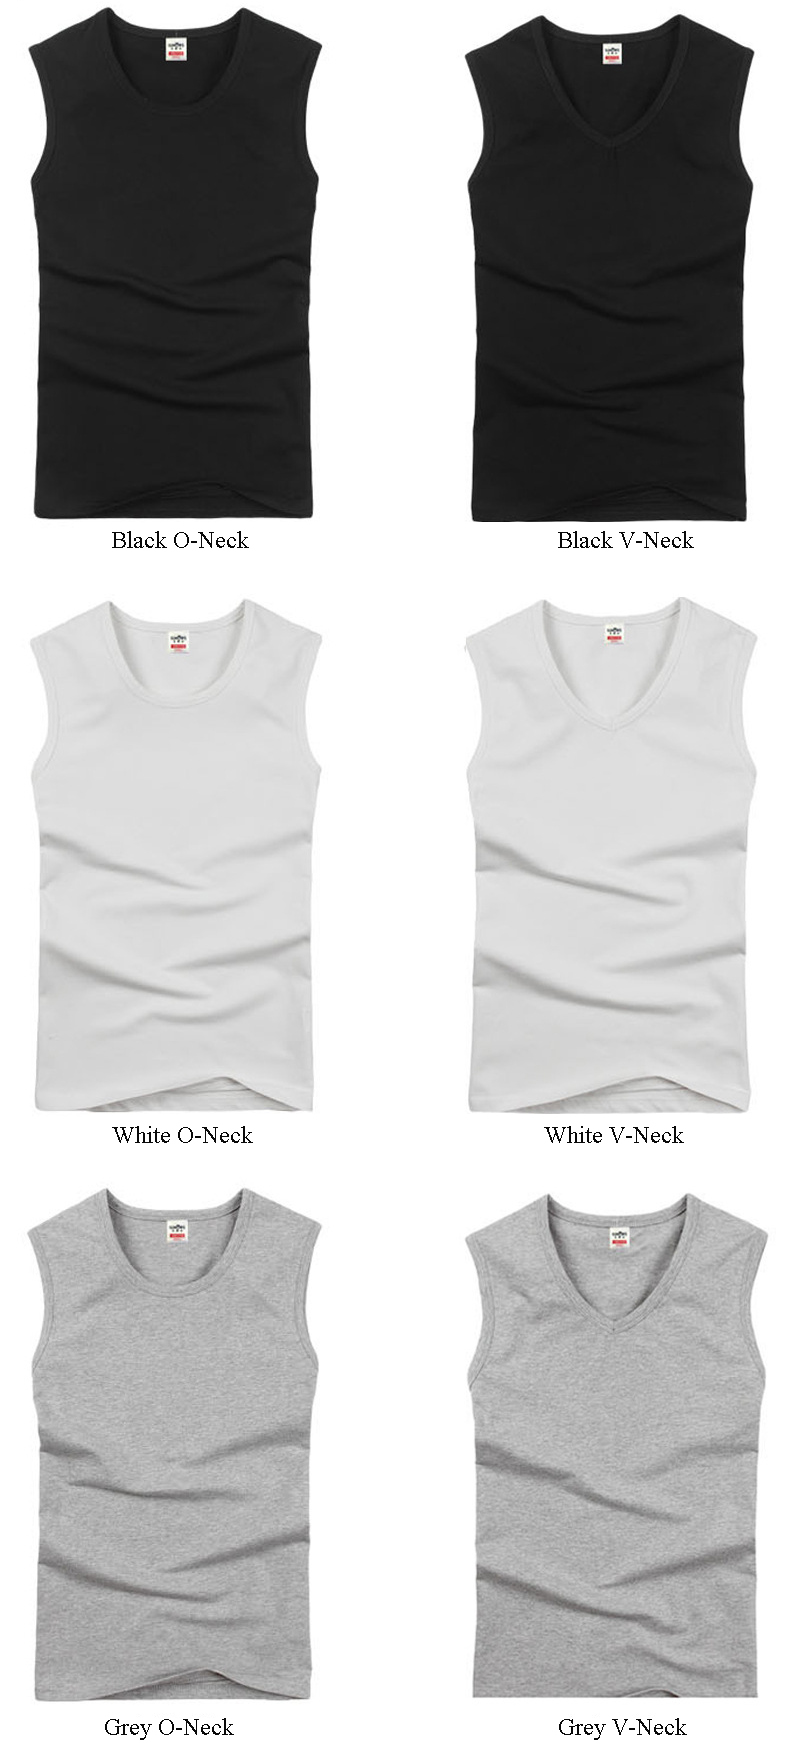 ツ)_/¯2017 nuevos hombres de la llegada Camisetas de tirantes ...